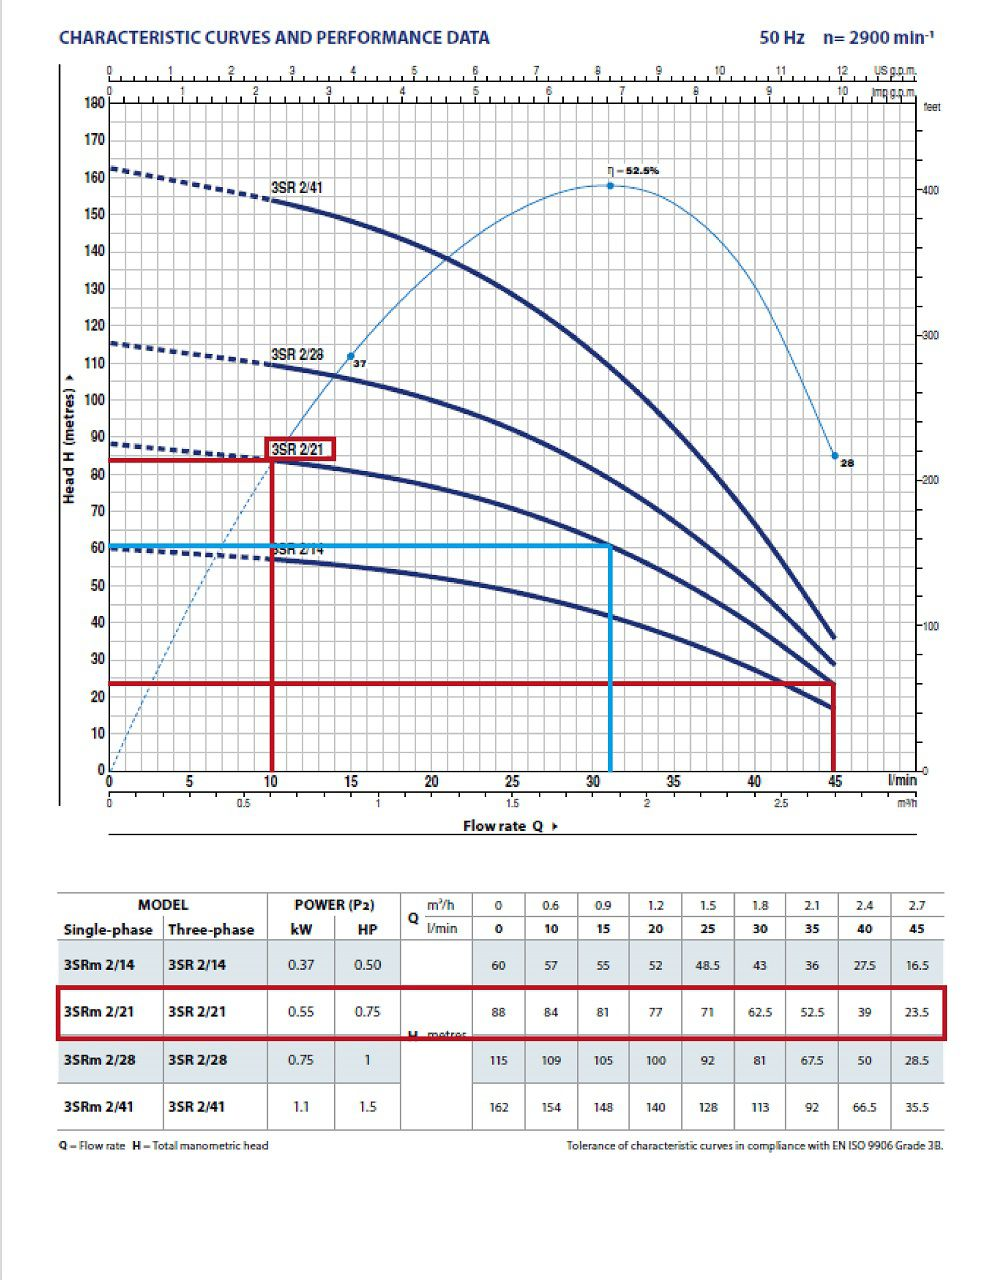 Grafic functionare H/Q pentru pompa submersibila foraje PEDROLLO 3SR M 2 21